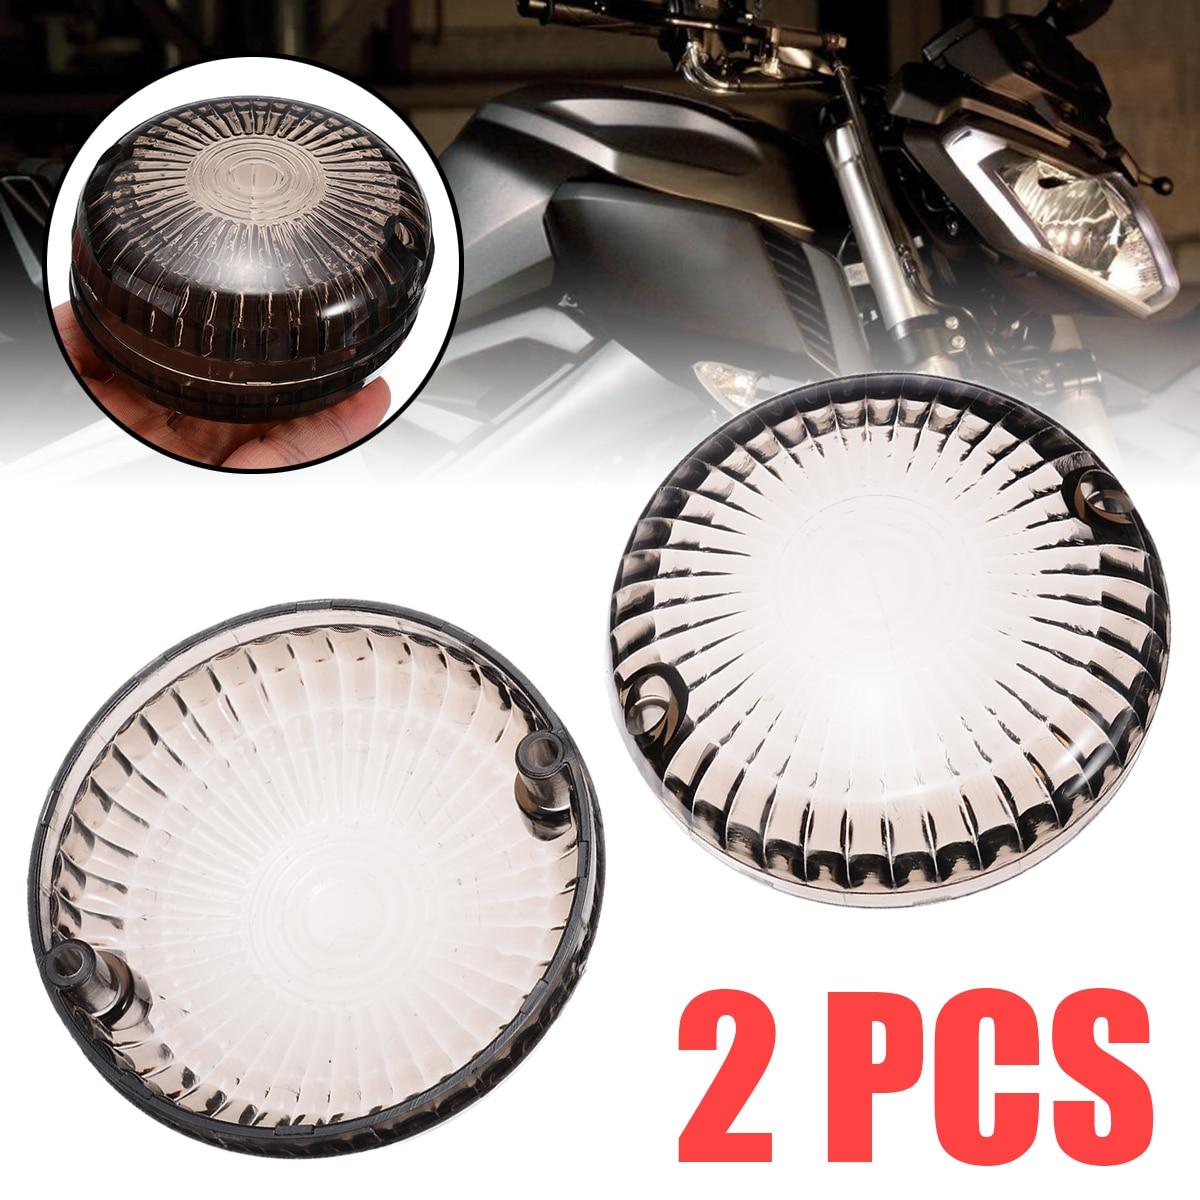 Mayitr 2Pcs Motorcycle Smoke Turn Signal Light Indicator Lens Cover For Yamaha V-Star 1100 Silverado 650 Road Star V-Max